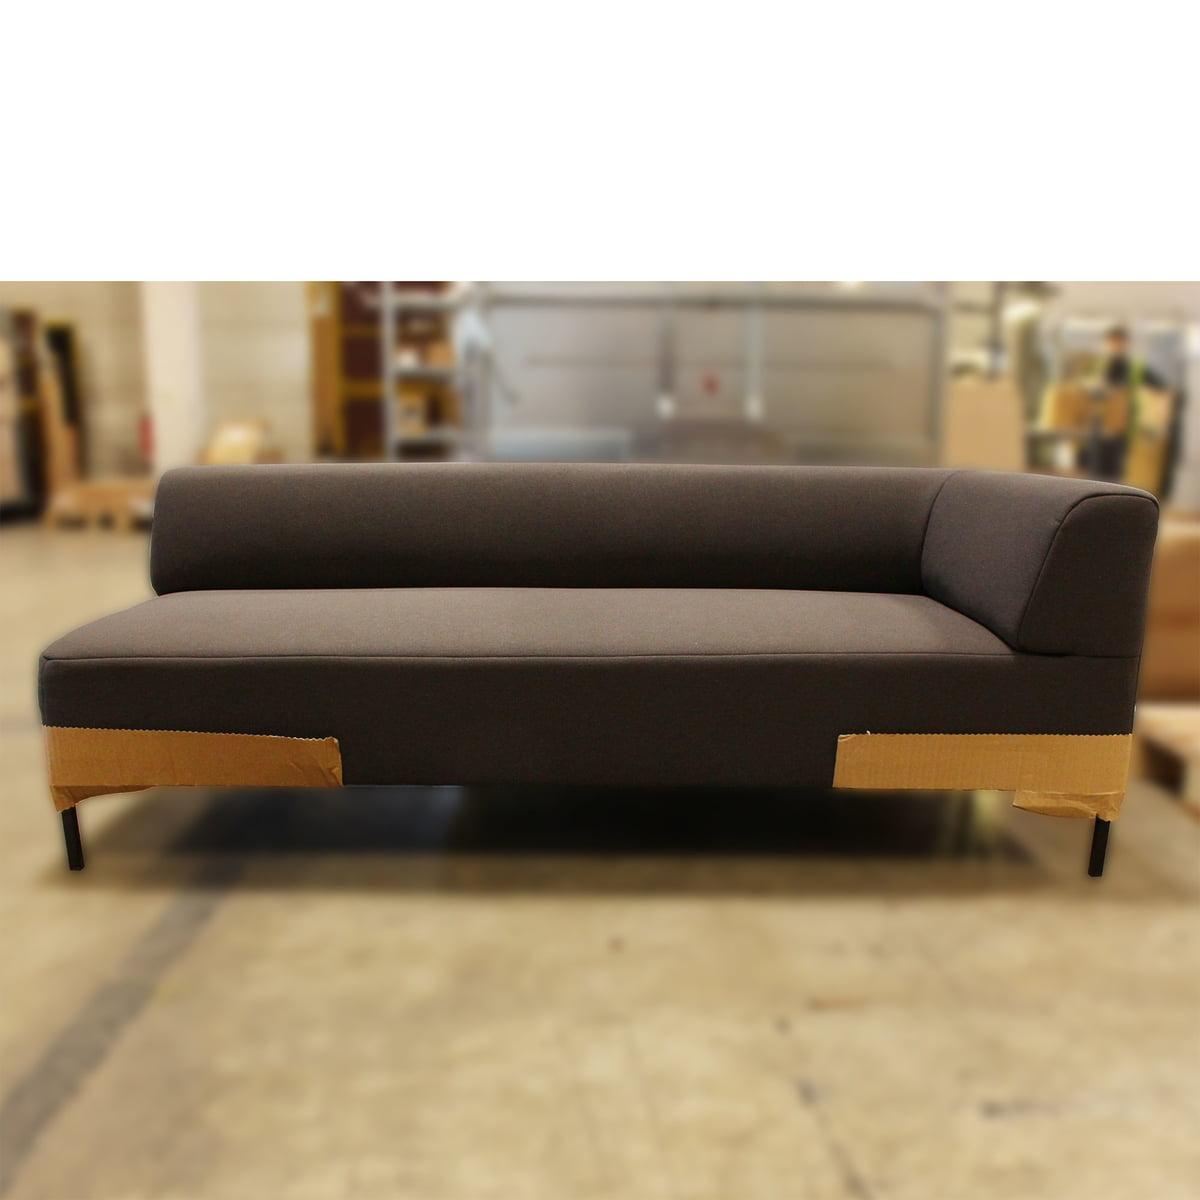 Design Sale - Freistil - 185 Sofa, Winkelfuß schwarz / Bezug anthrazit (3009) - 180 cm